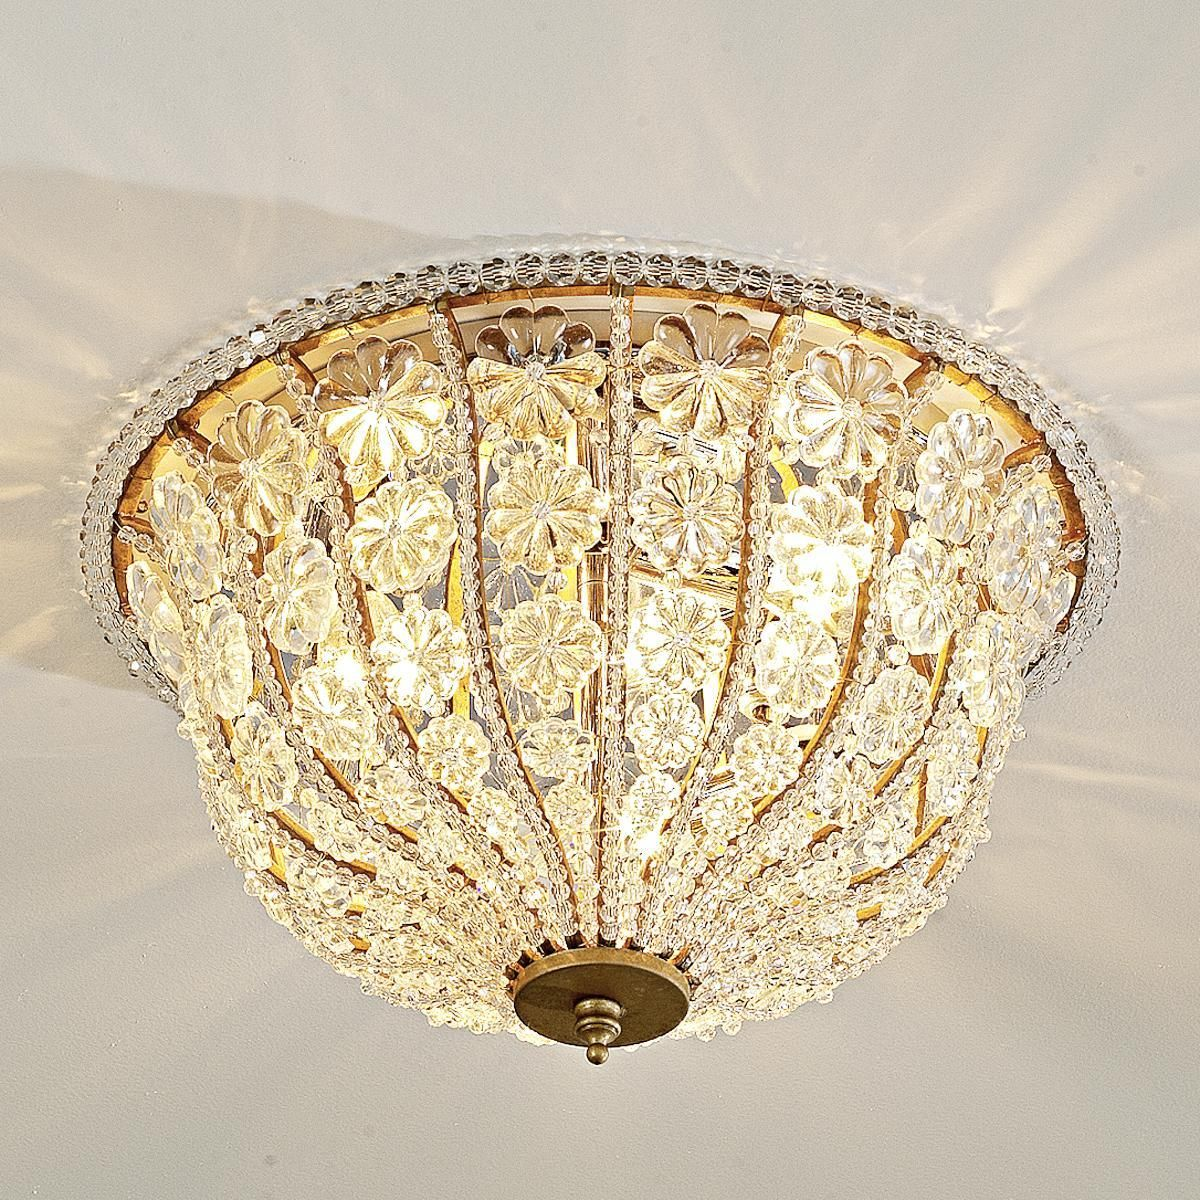 Crystal rosette ceiling light for eight foot ceilings pinterest